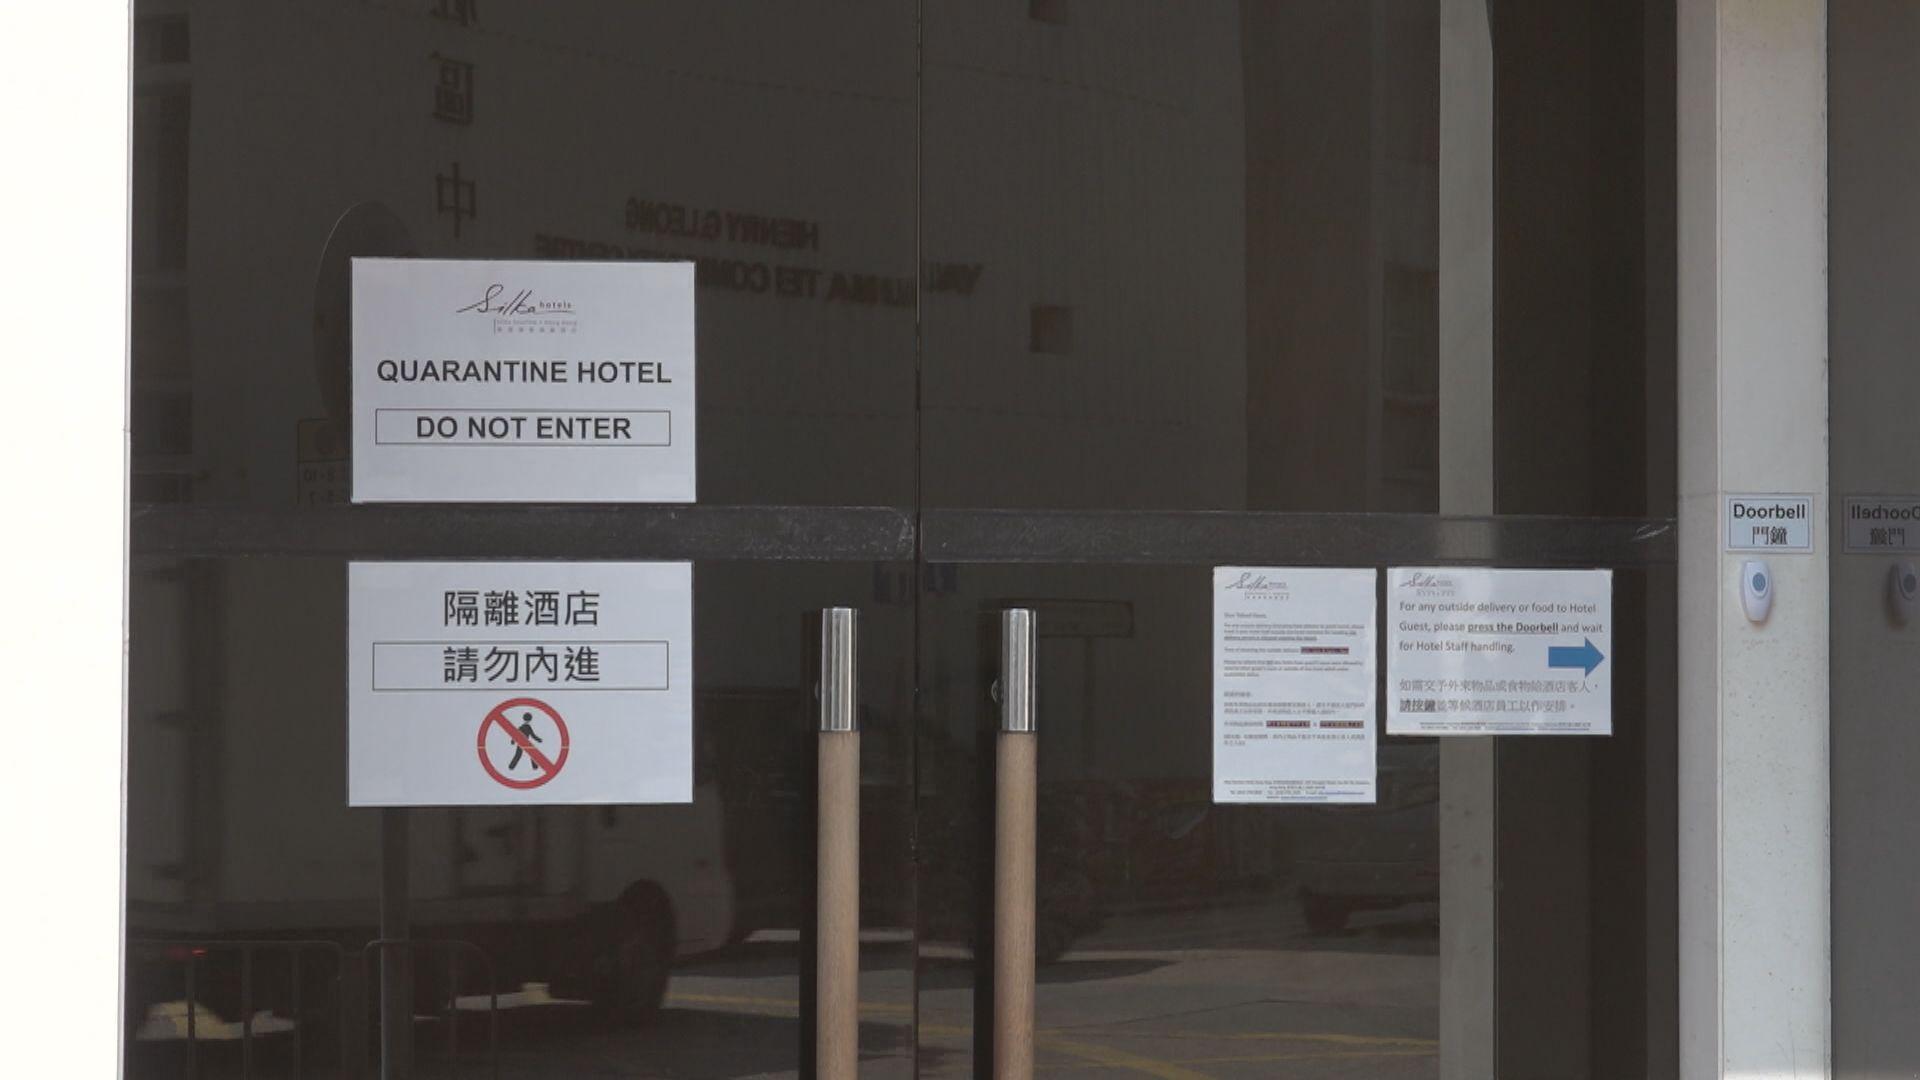 政府:有足夠檢疫酒店房間予抵港人士使用